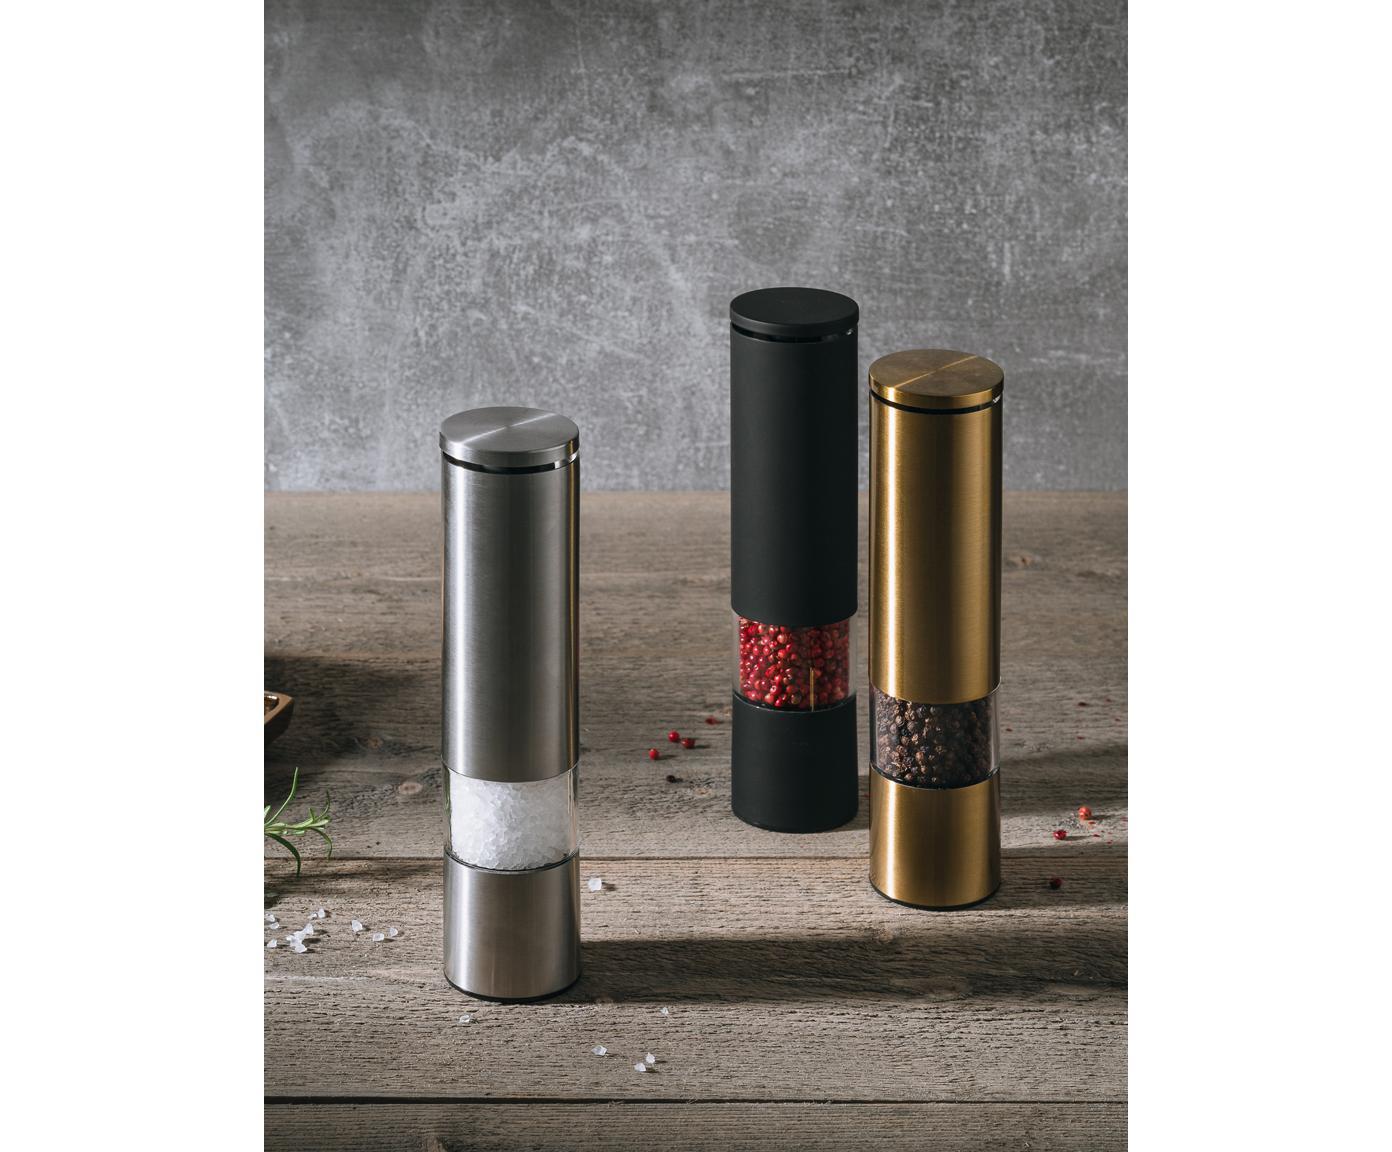 Młynek  Sheda, Akryl, tworzywo sztuczne (ABS), stal nierdzewna, ceramika, Odcienie mosiądzu, transparentny, Ø 5 x W 22 cm